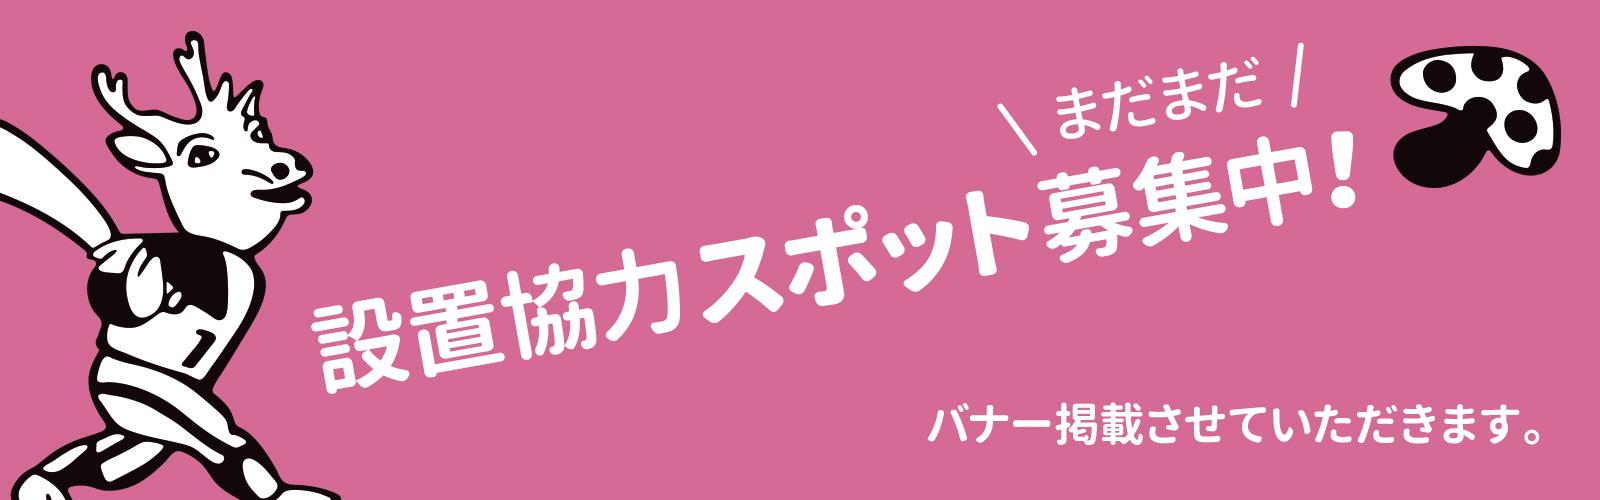 設置協力スポット募集中(バセバ大阪|Baseba!! OSAKA)